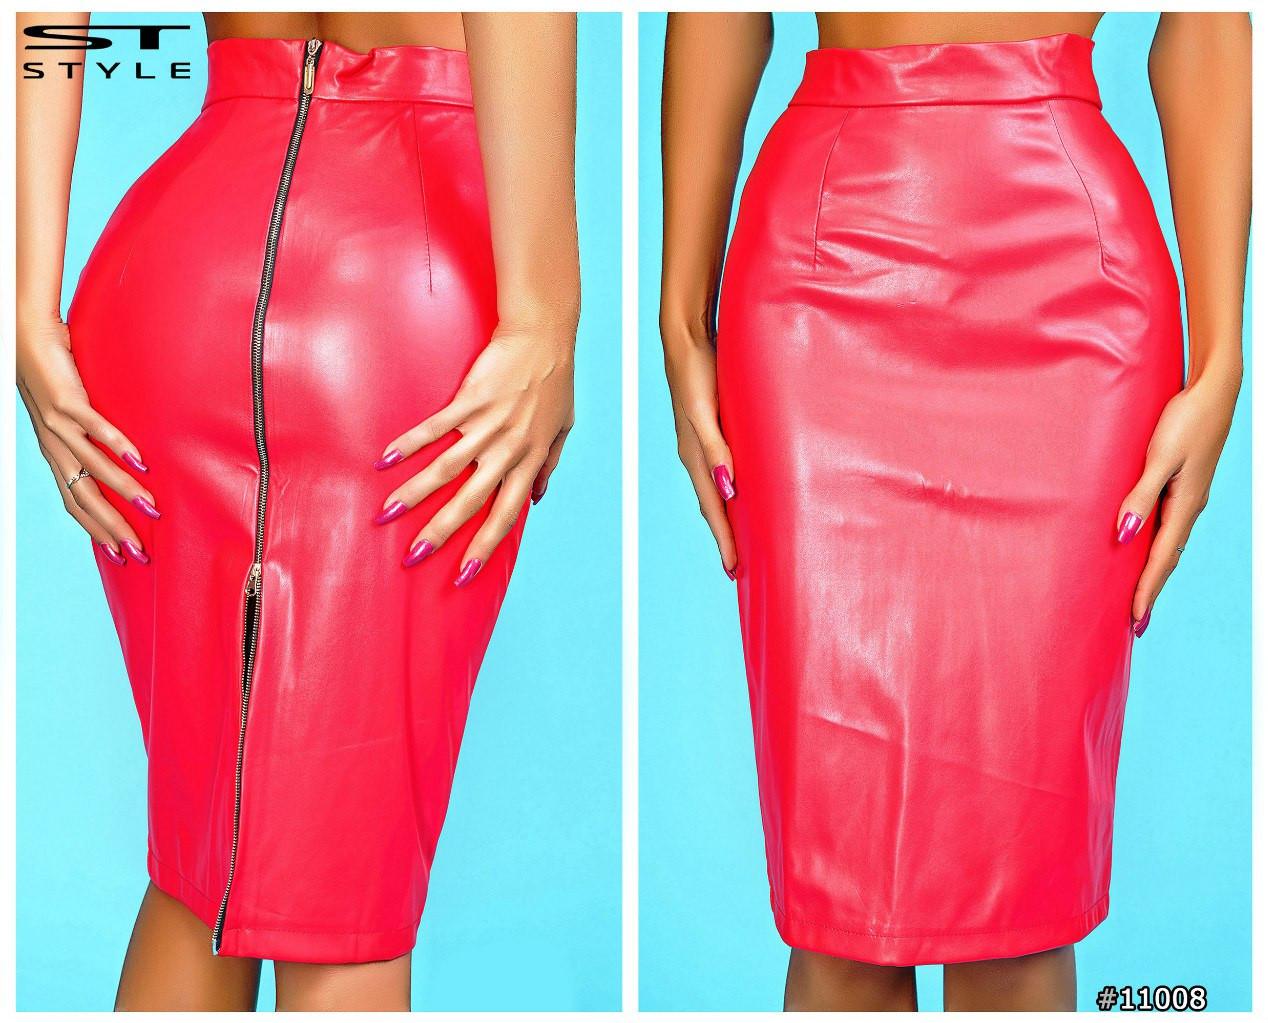 Фото женщин в юбках вид с зади 12 фотография